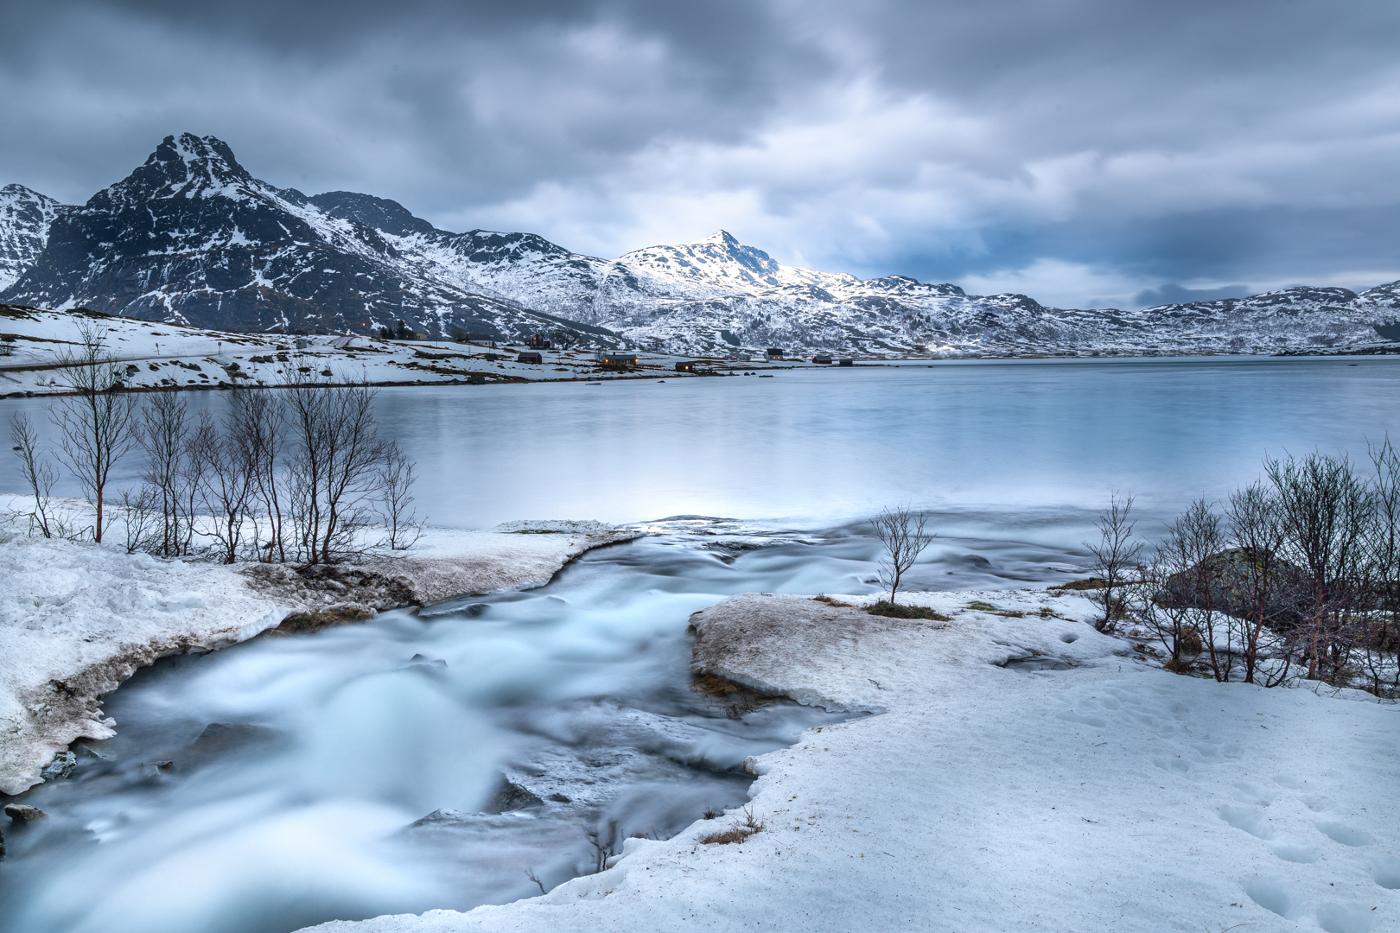 Winter Moment | © Irmgard Crispin